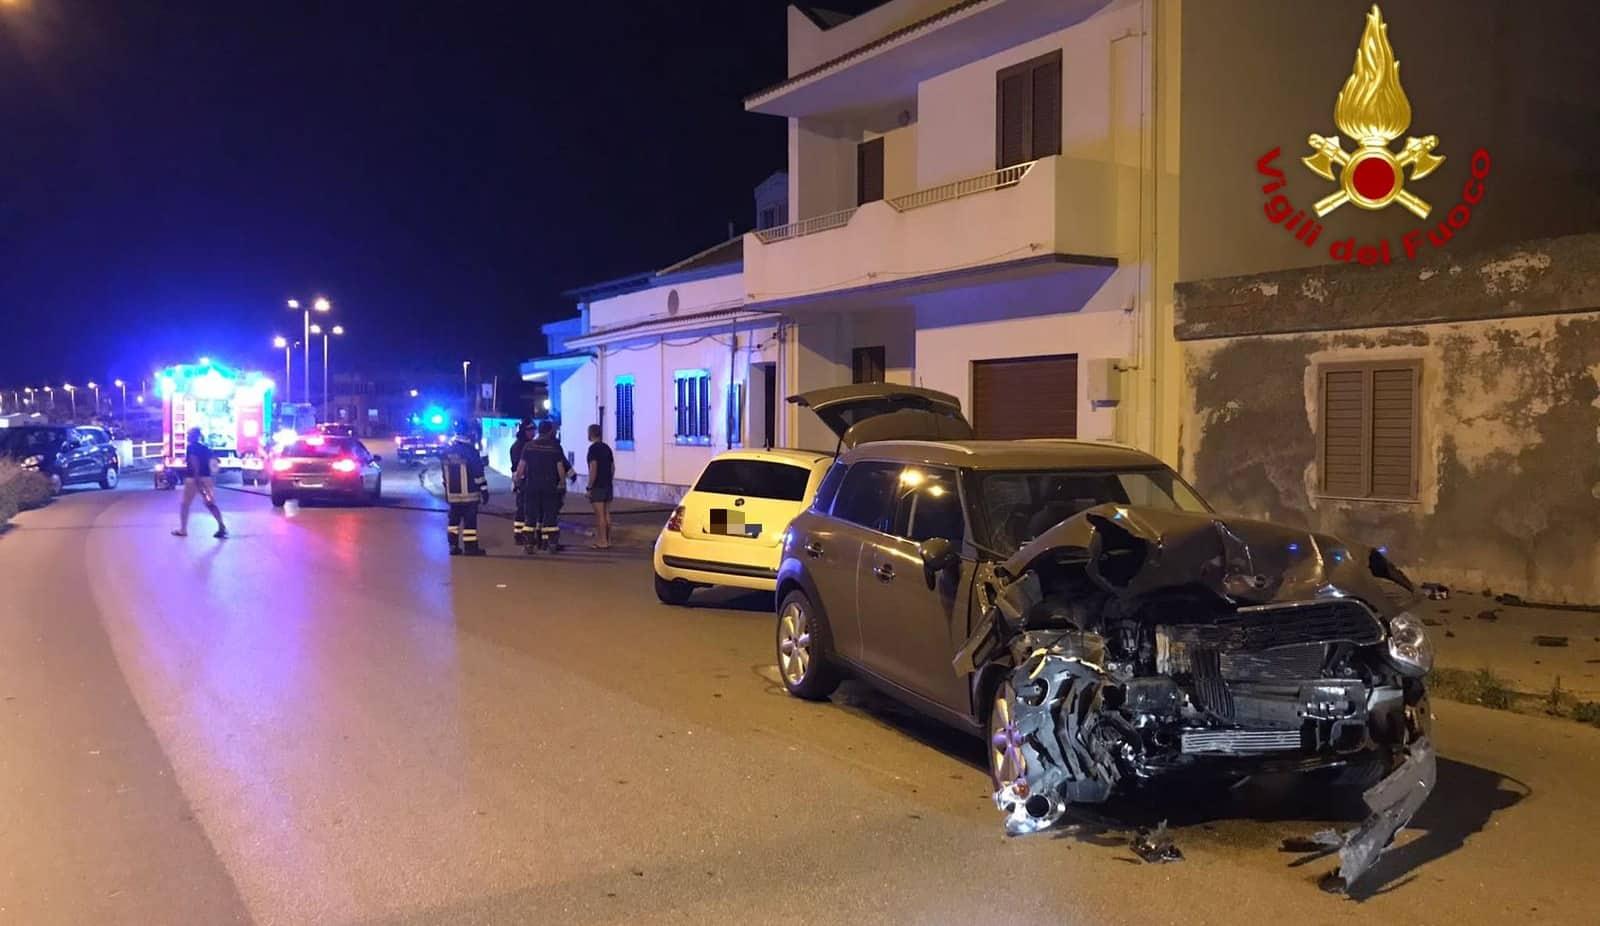 Doppietta di incidenti autonomi nel Messinese: diversi feriti, uno anche in codice rosso